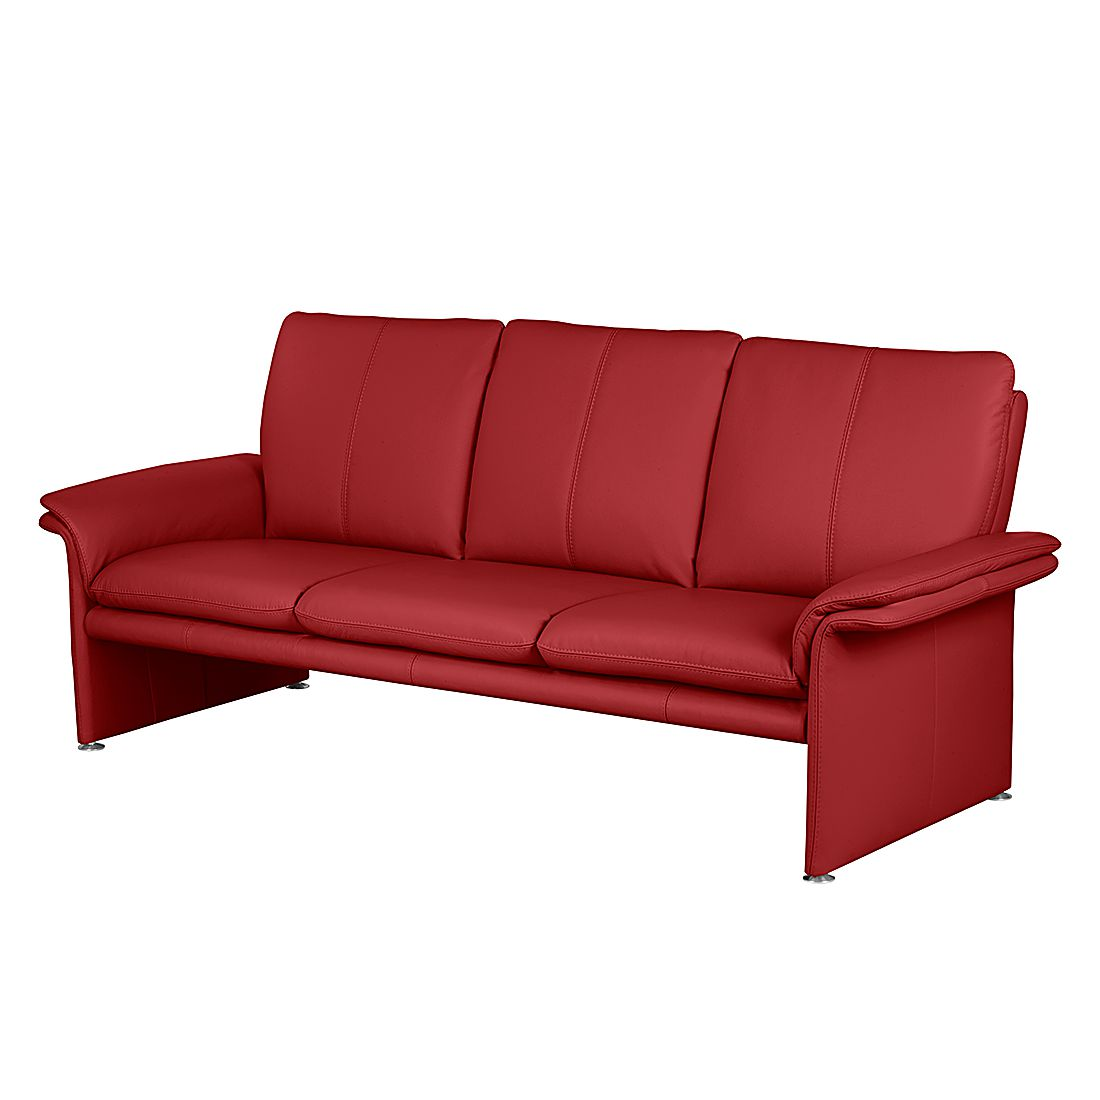 Sofa Günstig Online Kaufen : sofa capri 3 sitzer echtleder rot nuovoform g nstig online kaufen ~ Indierocktalk.com Haus und Dekorationen